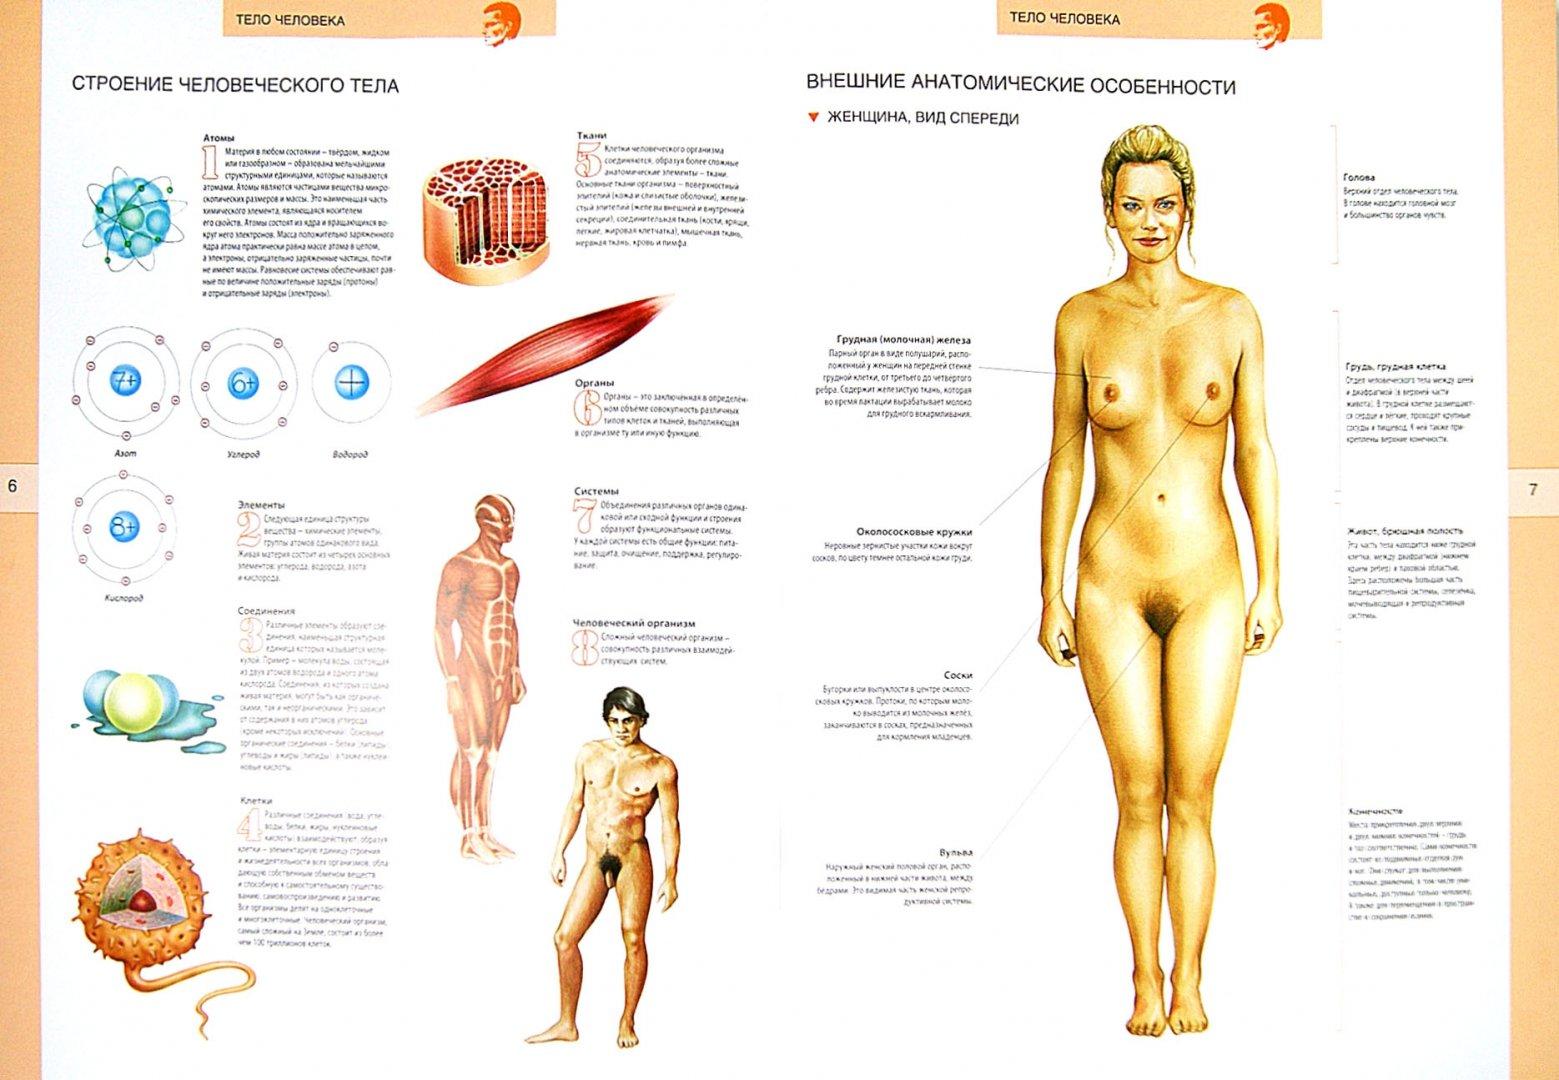 Иллюстрация 1 из 4 для Большой иллюстрированный атлас анатомии человека   Лабиринт - книги. Источник: Лабиринт